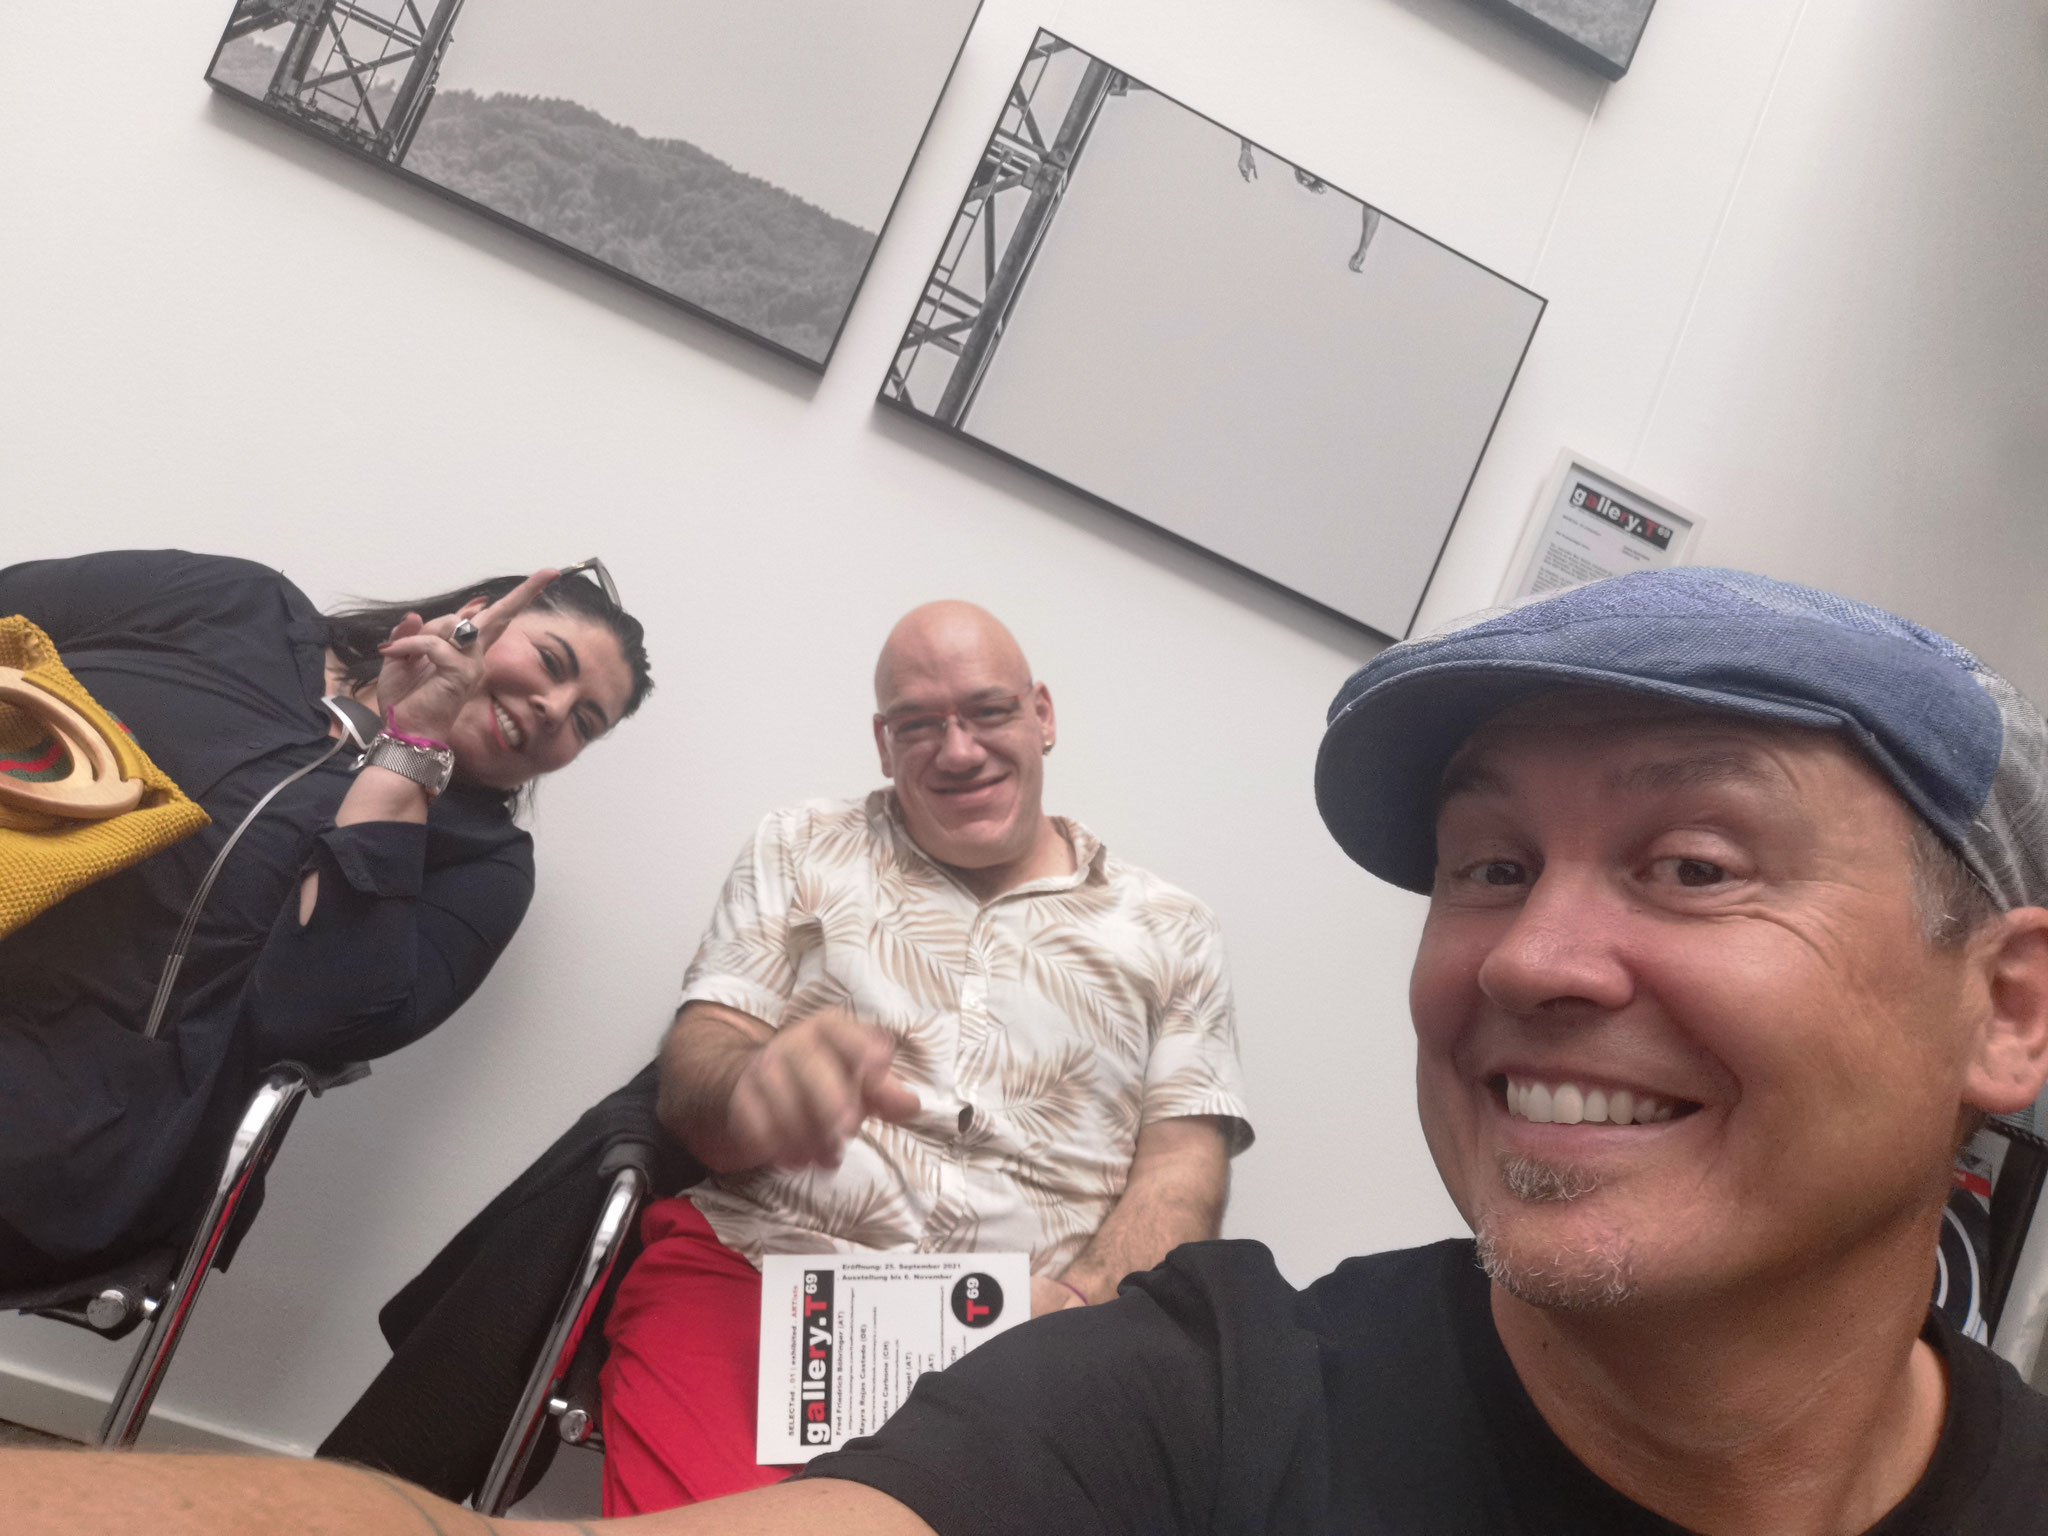 DANKE an Brischitt und Manuel für den Besuch! Wir sehen uns und deine Kunst bei SELECTed.02